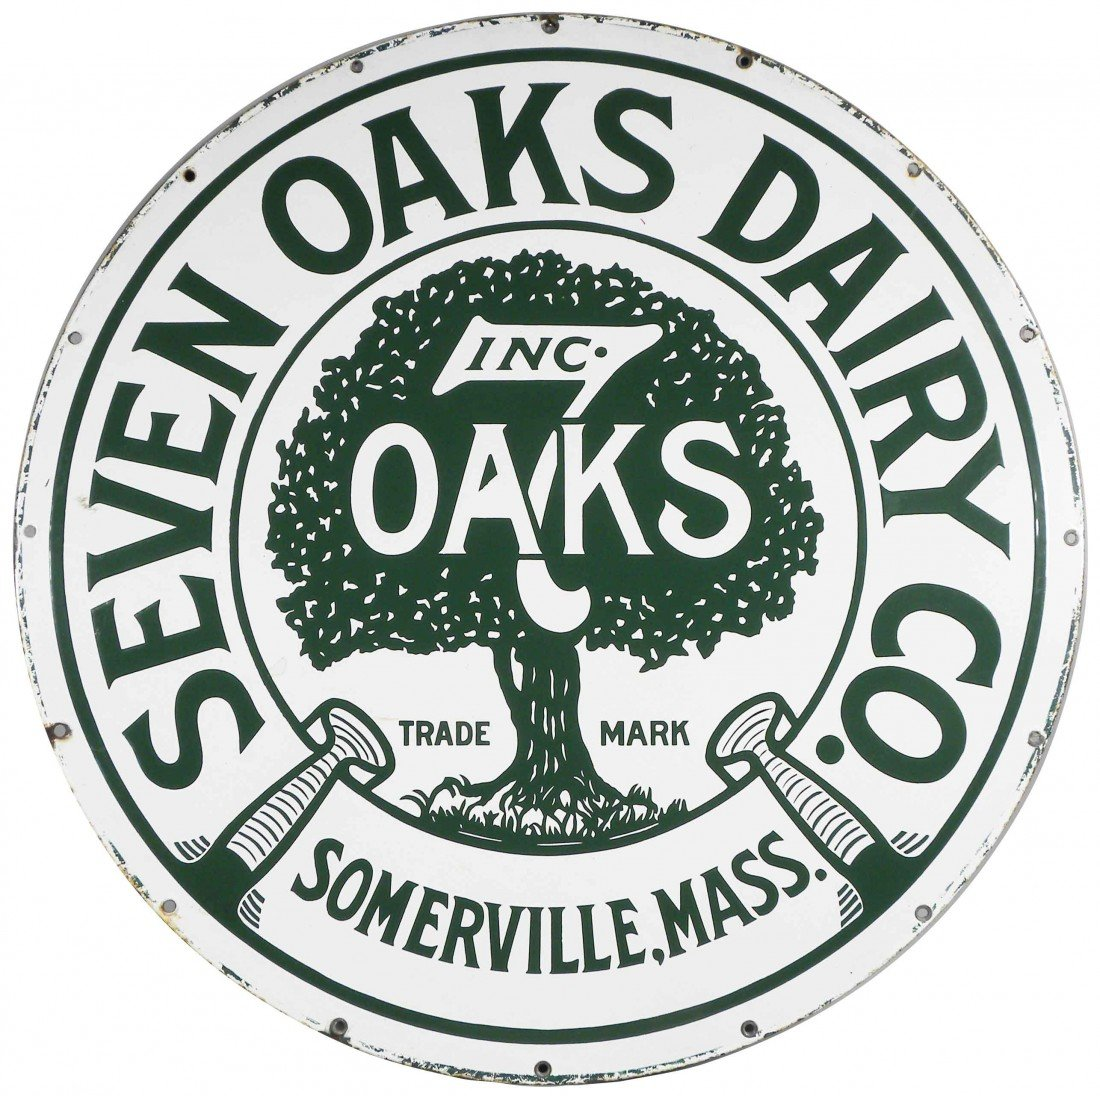 526: 7 Oaks Dairy Porcelain Sign